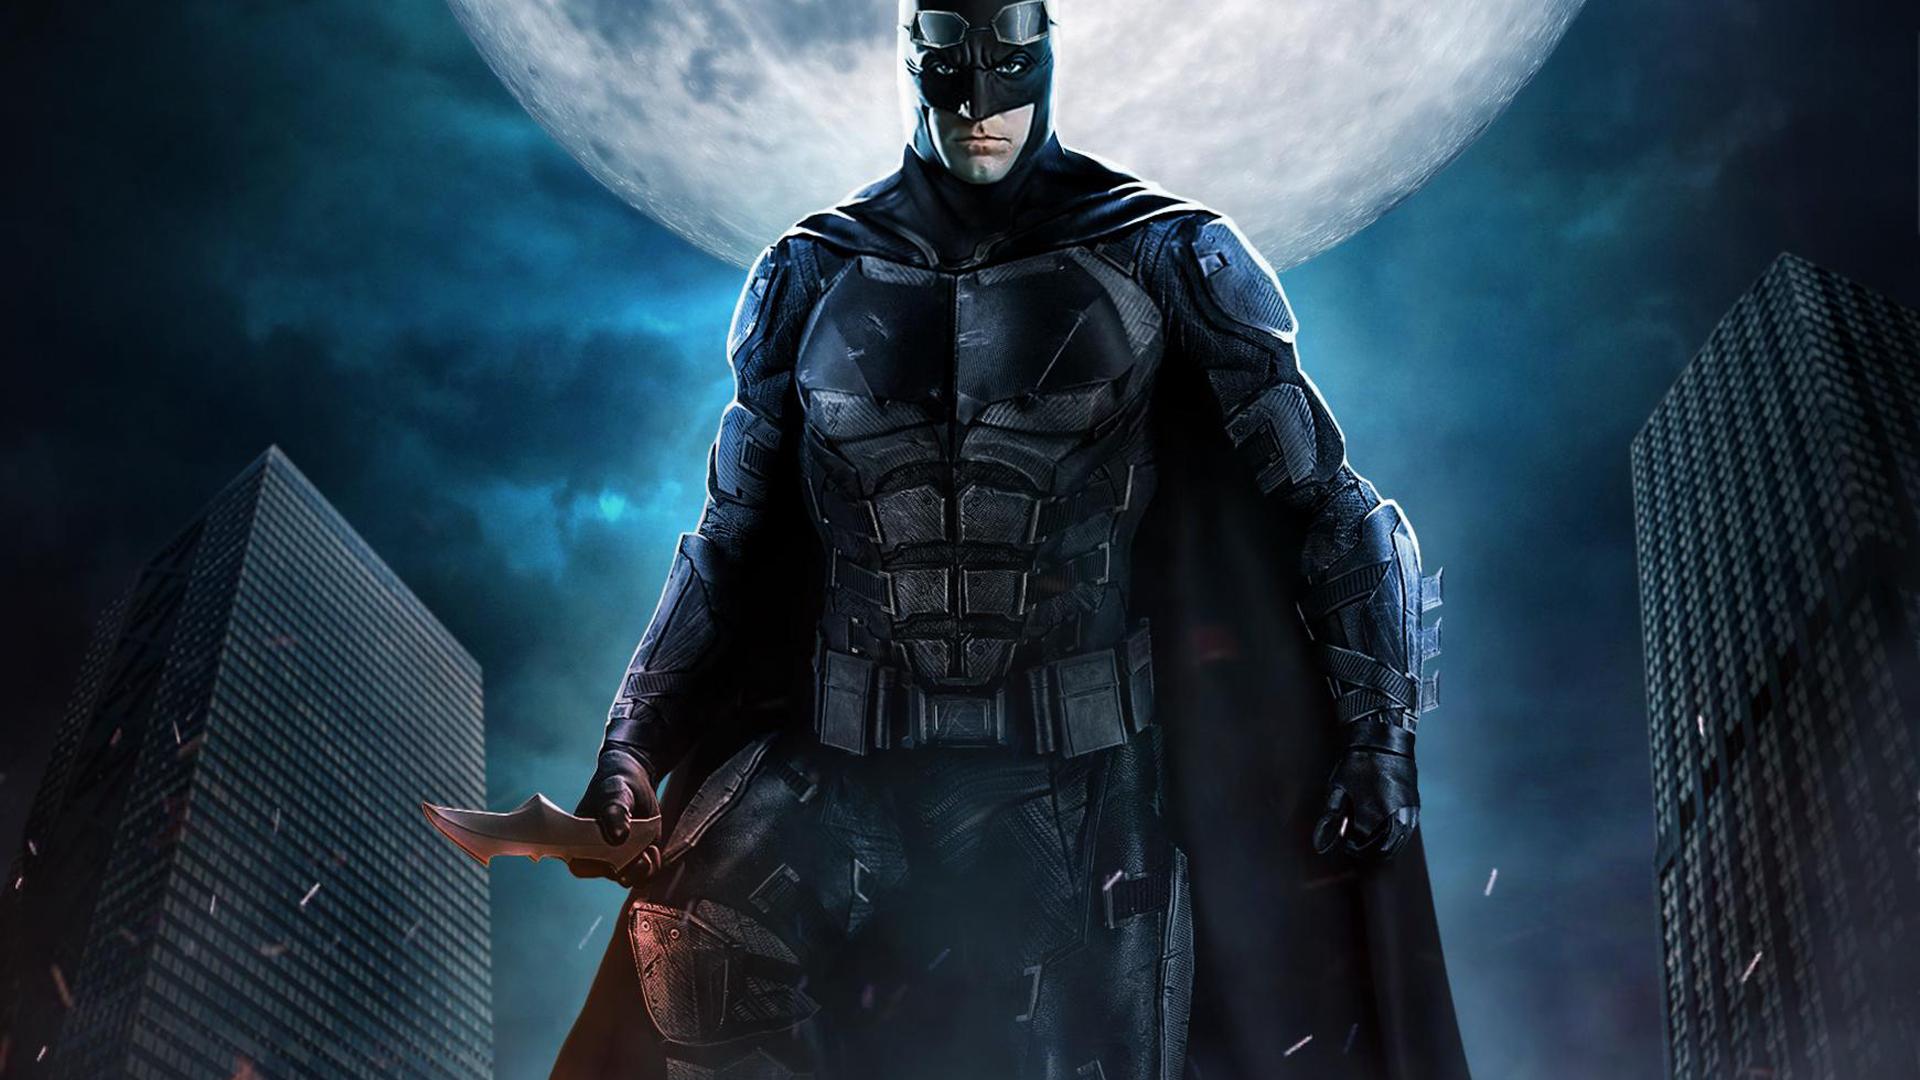 1920x1080 Justice League Batman The Dark Knight Fan Art